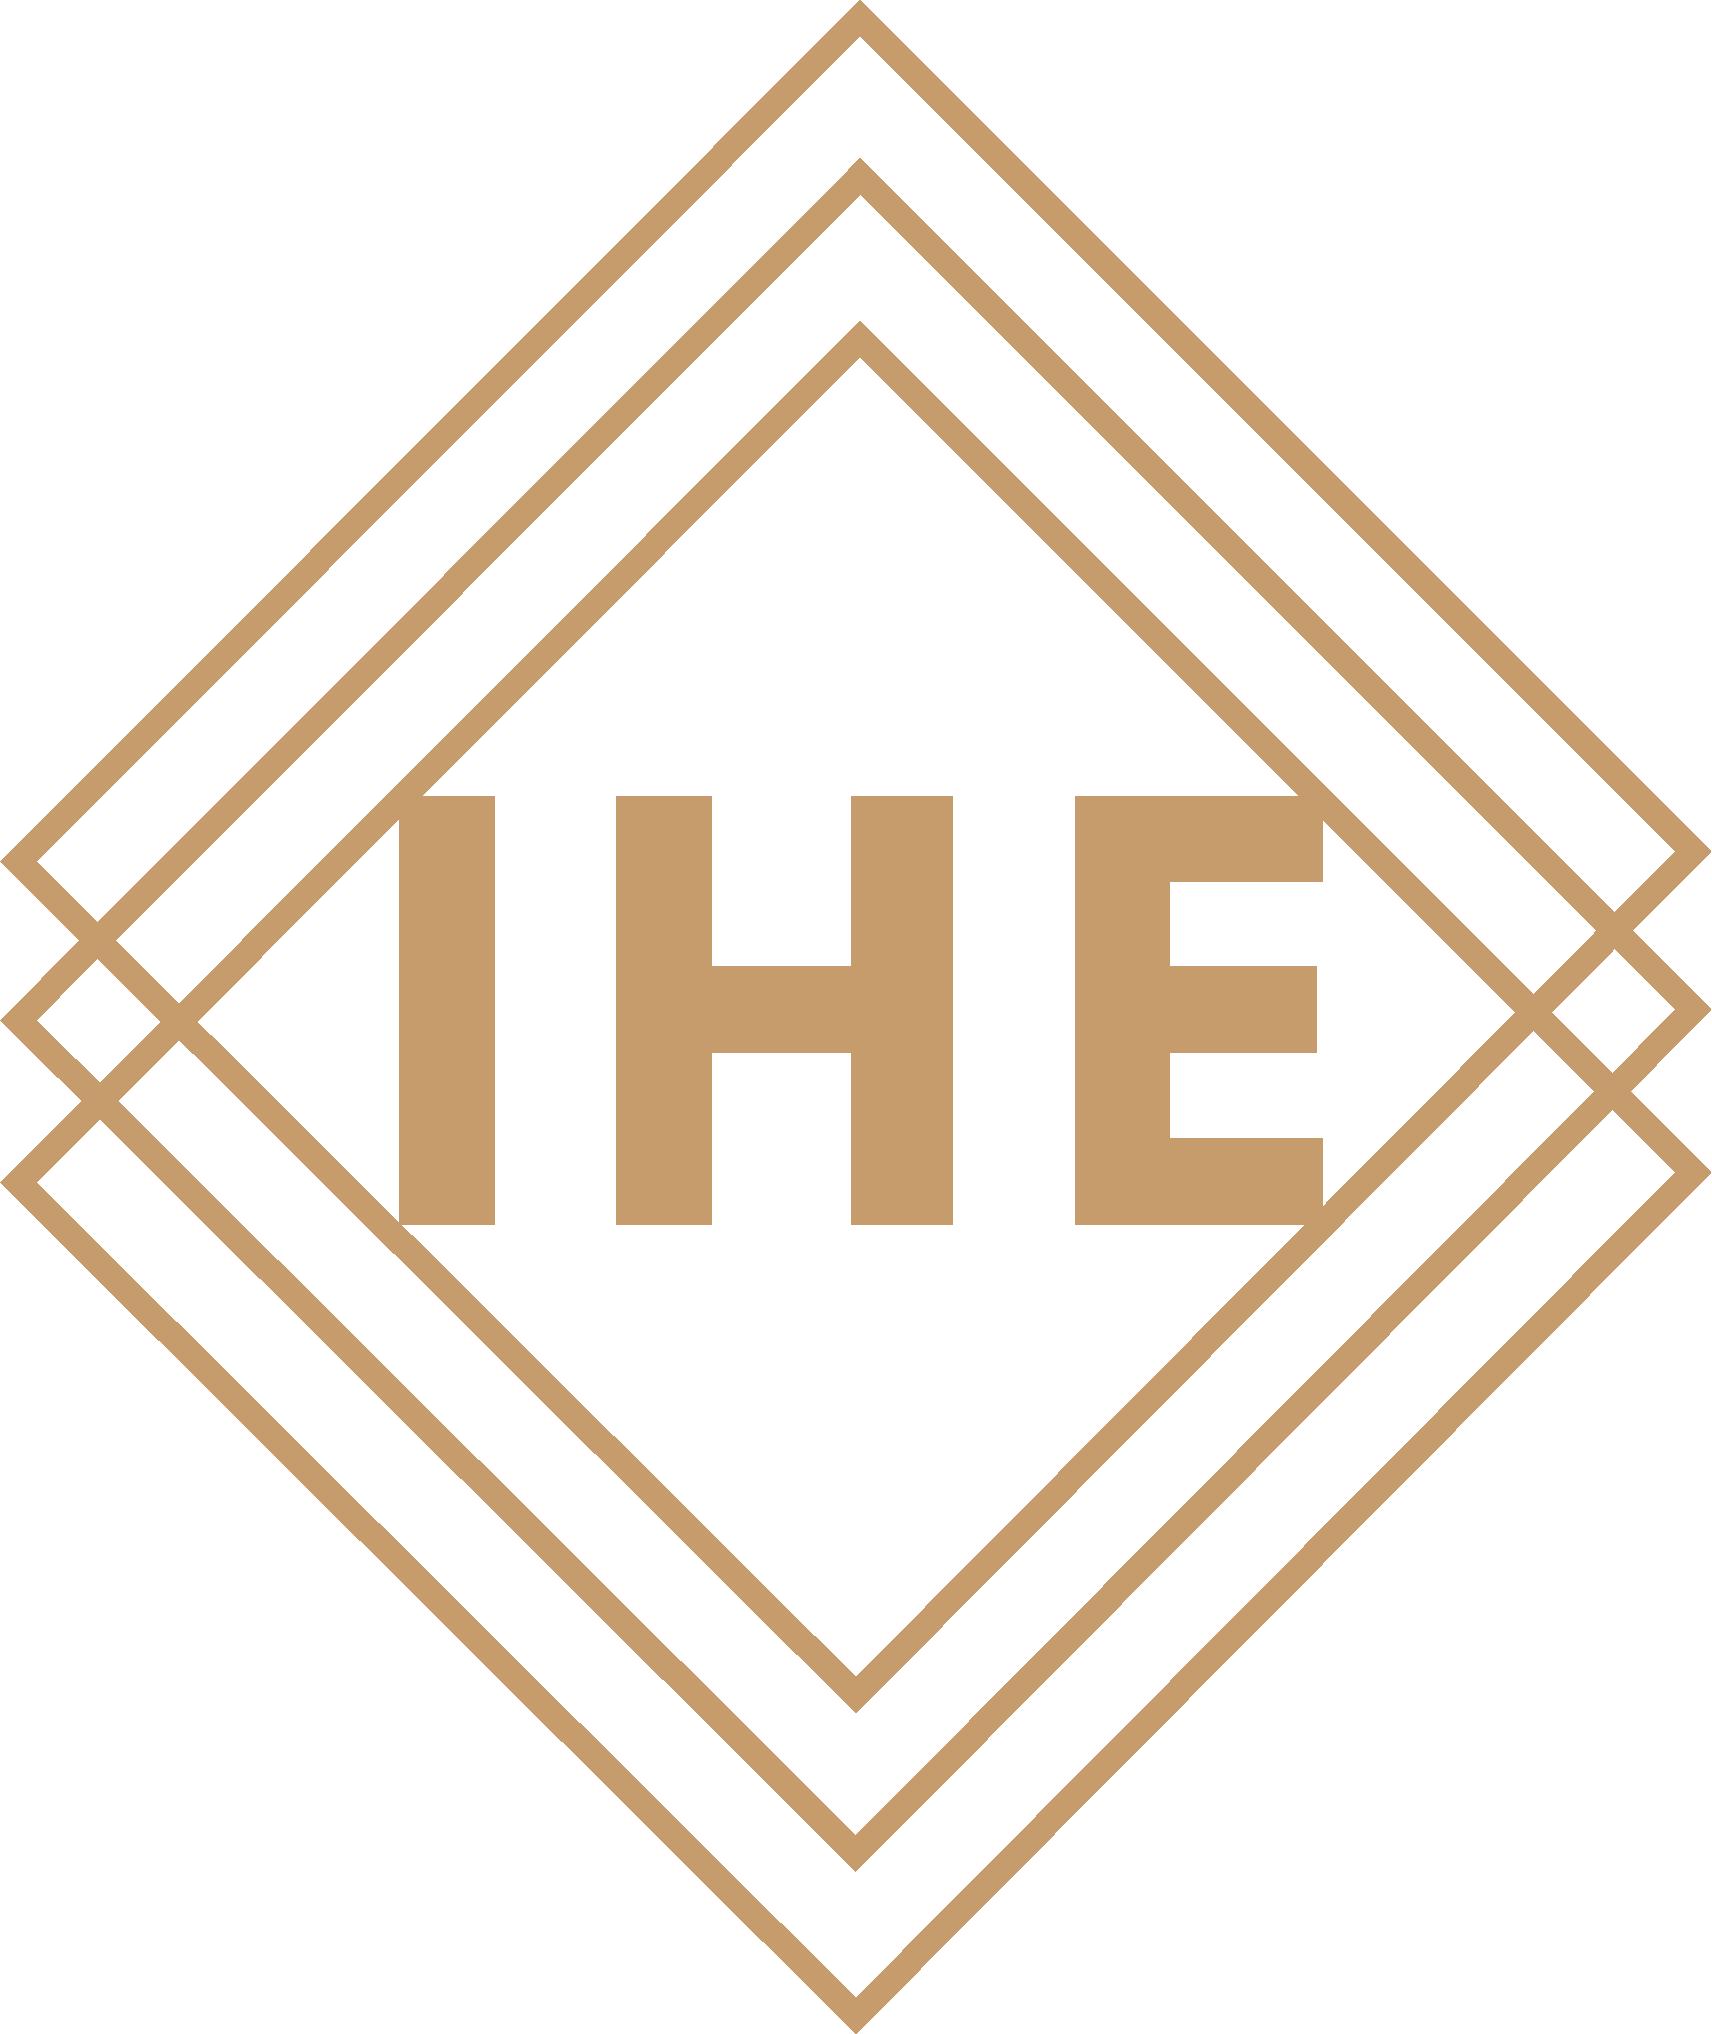 IHE Food 2019 Logo 4 (1).png